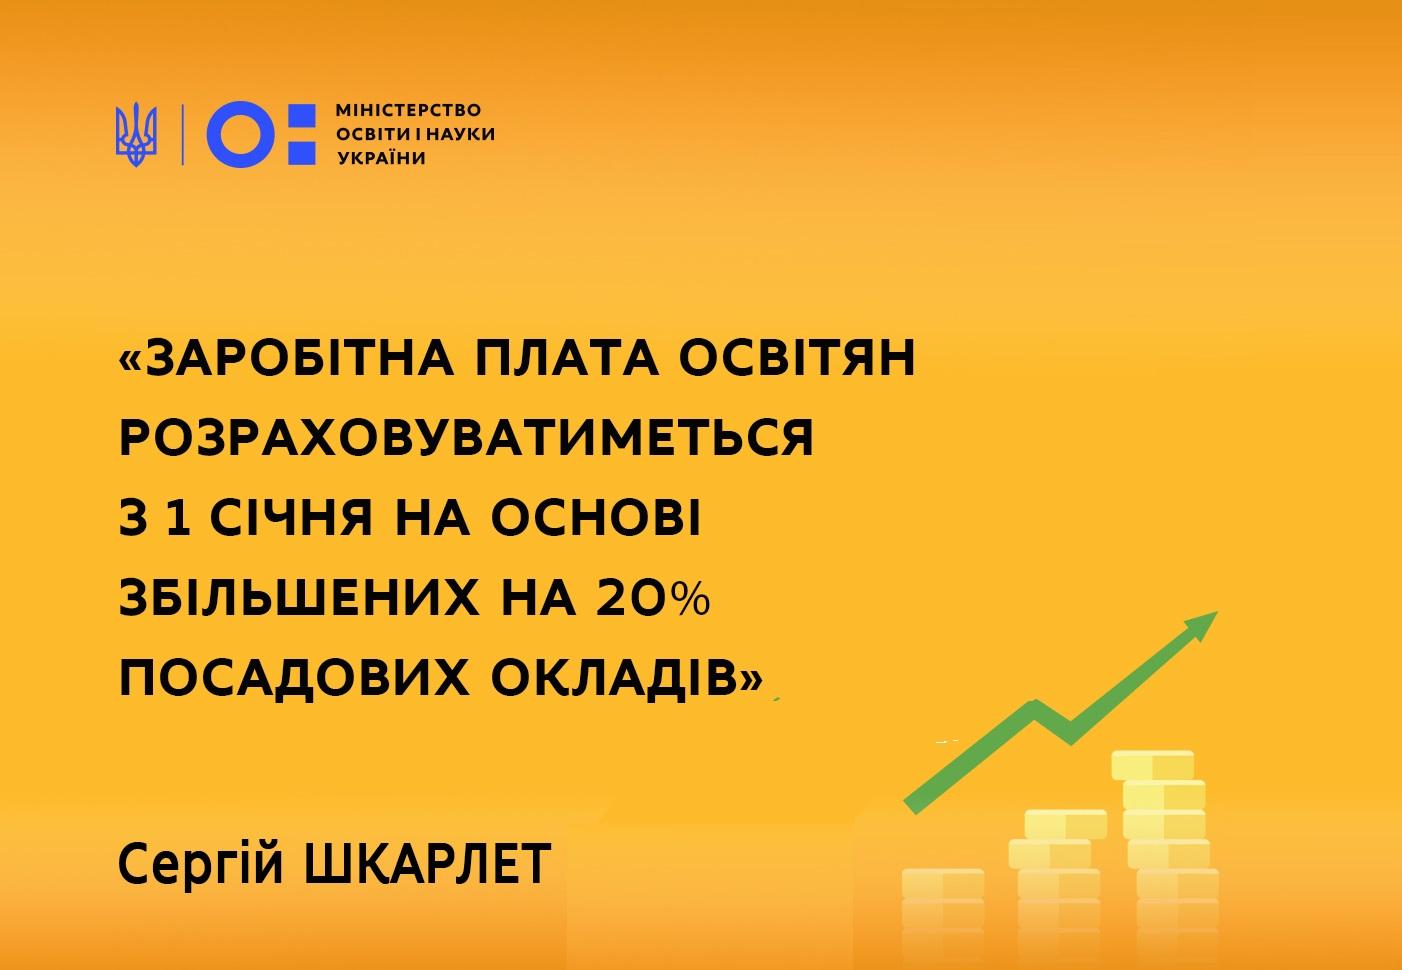 Сергій Шкарлет: «Заробітна плата освітян розраховуватиметься з 1 січня на основі збільшених на 20% посадових окладів»